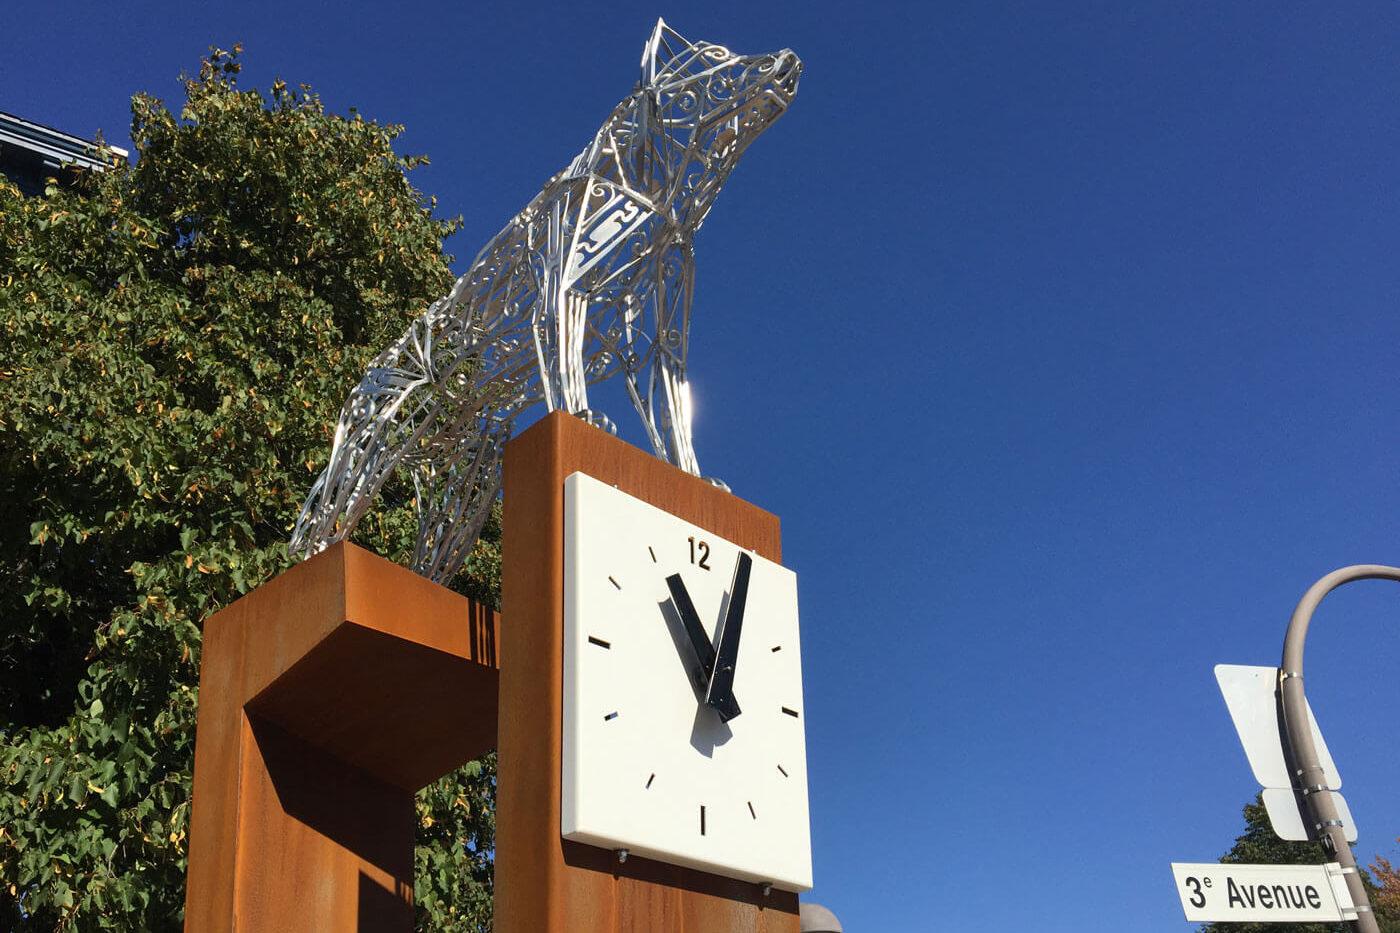 3e-avenue-horloge